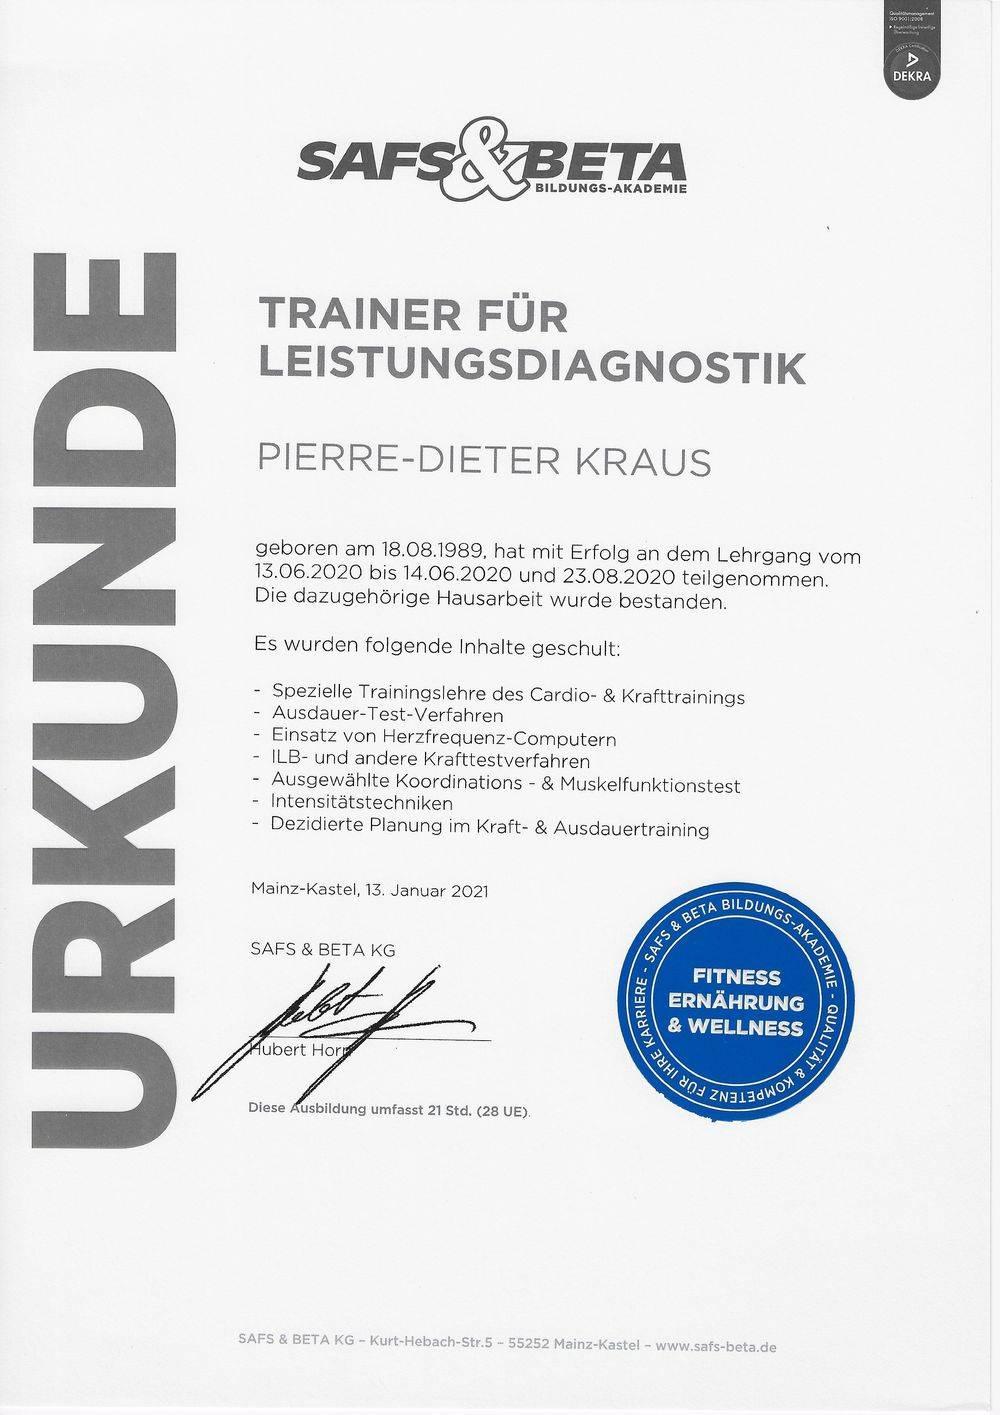 Trainer für Leistungsdiagnostik